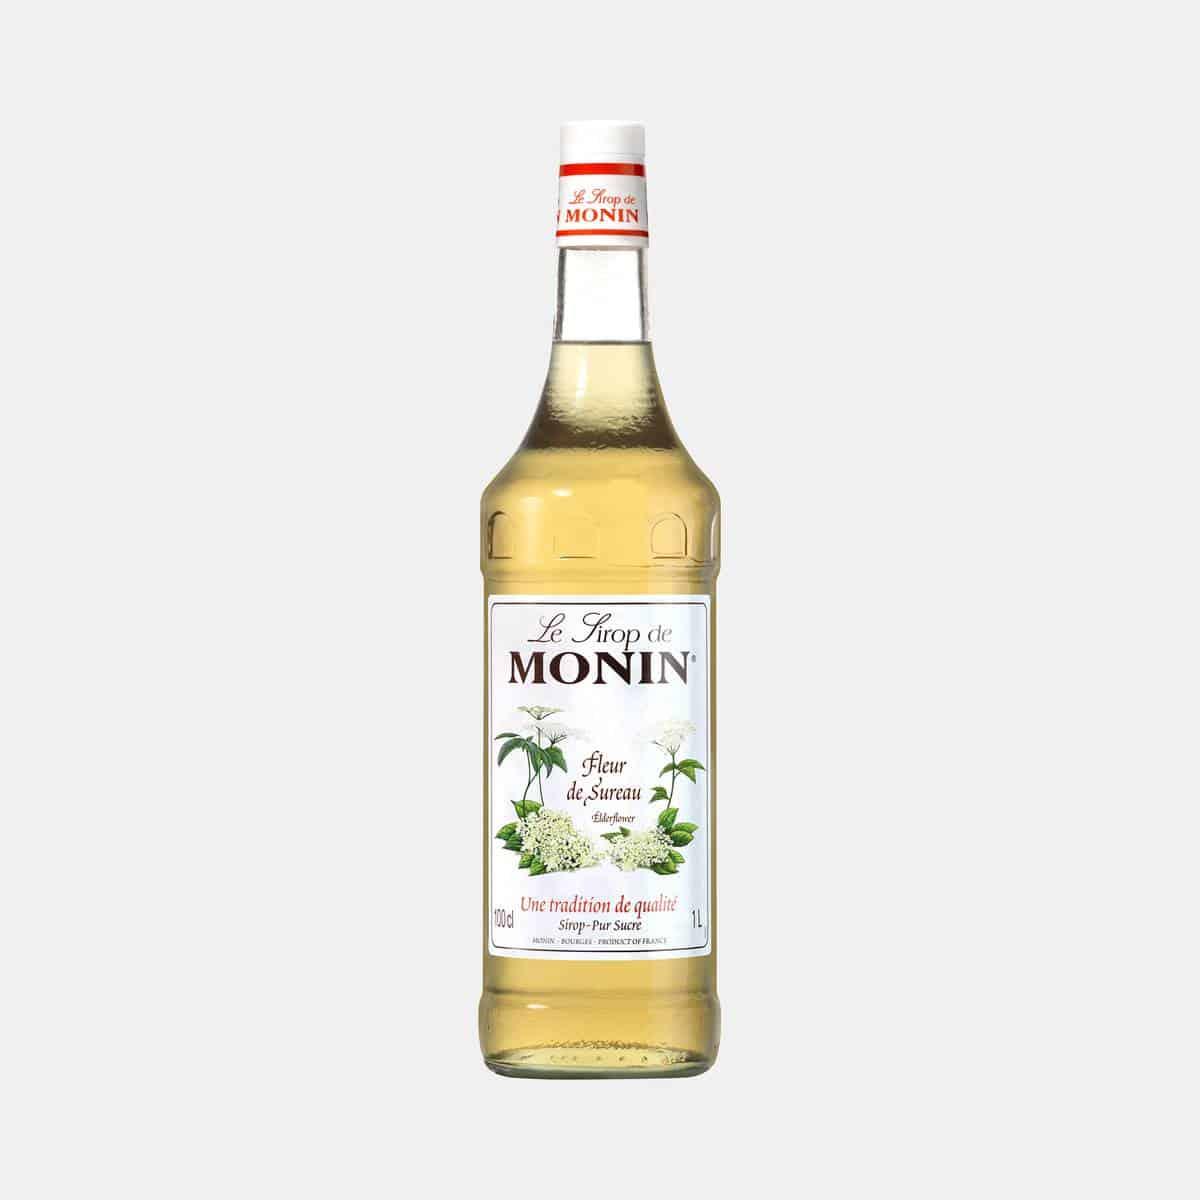 Monin Elderflower Syrup 1 Liter Glass Bottle